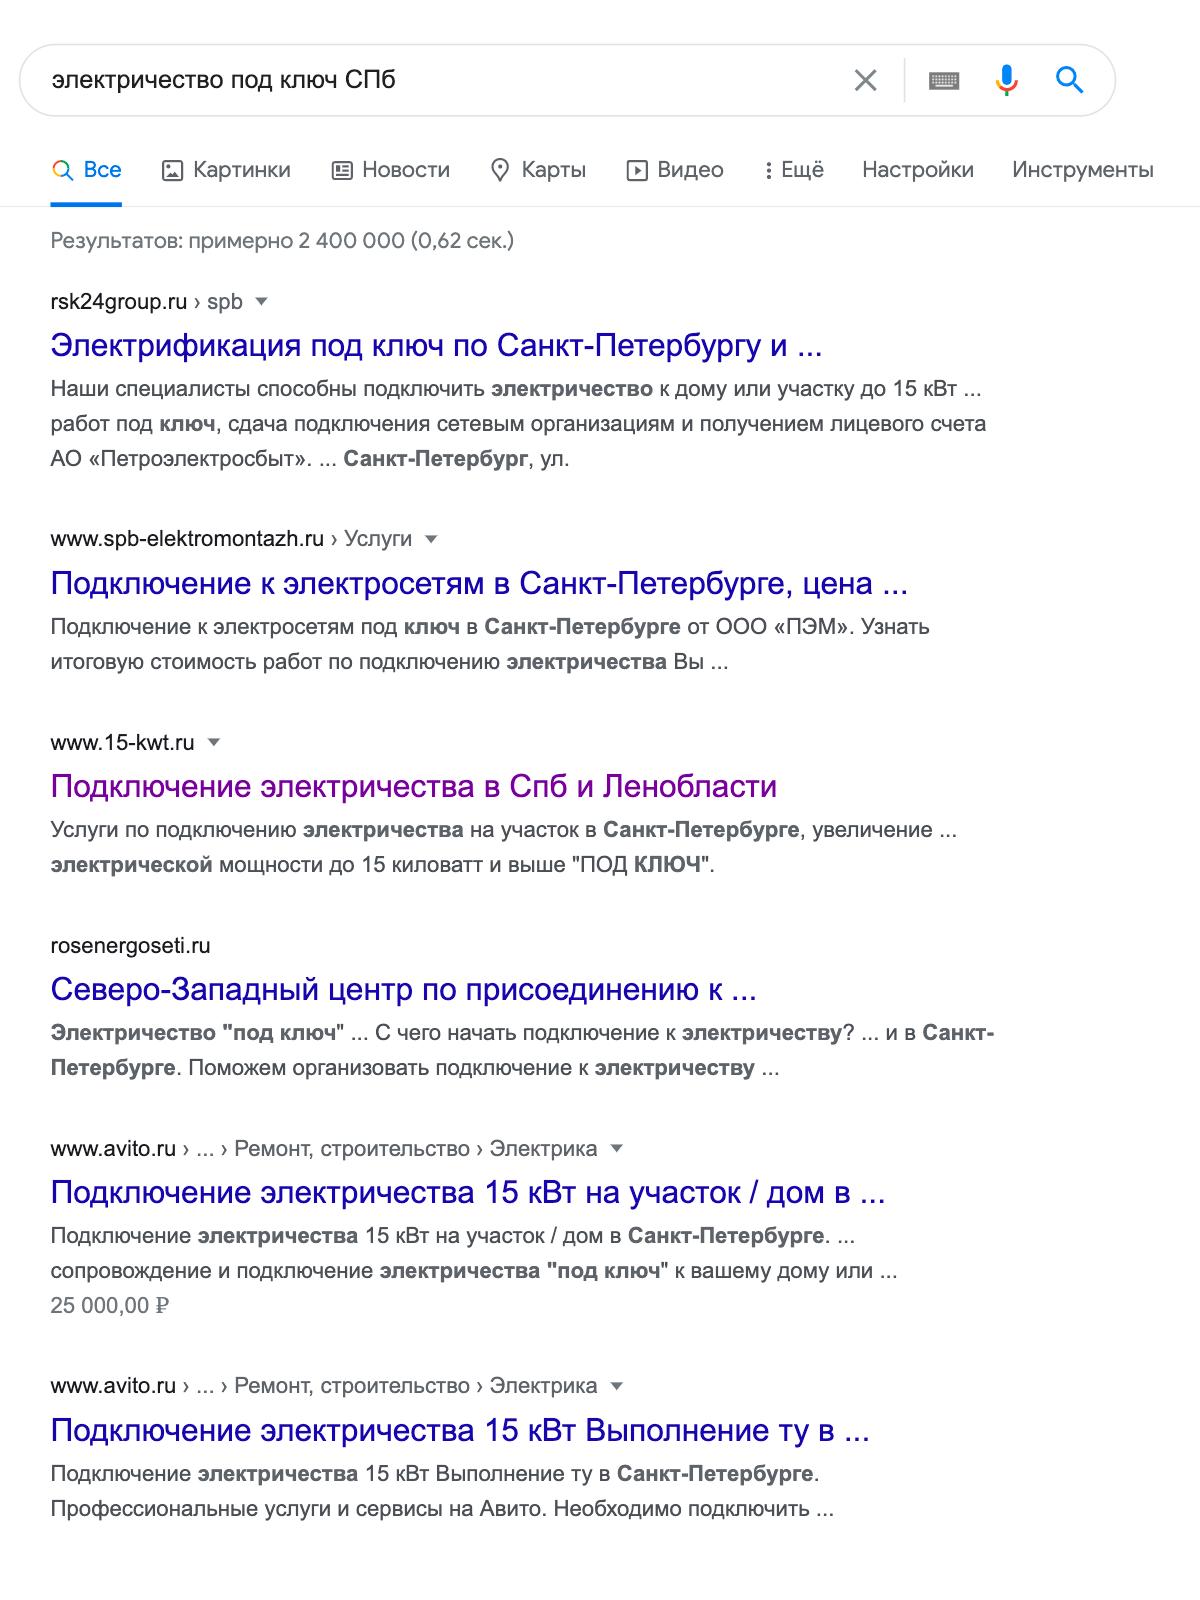 Результаты поиска по ключевой фразе «электричество подключ СПб»